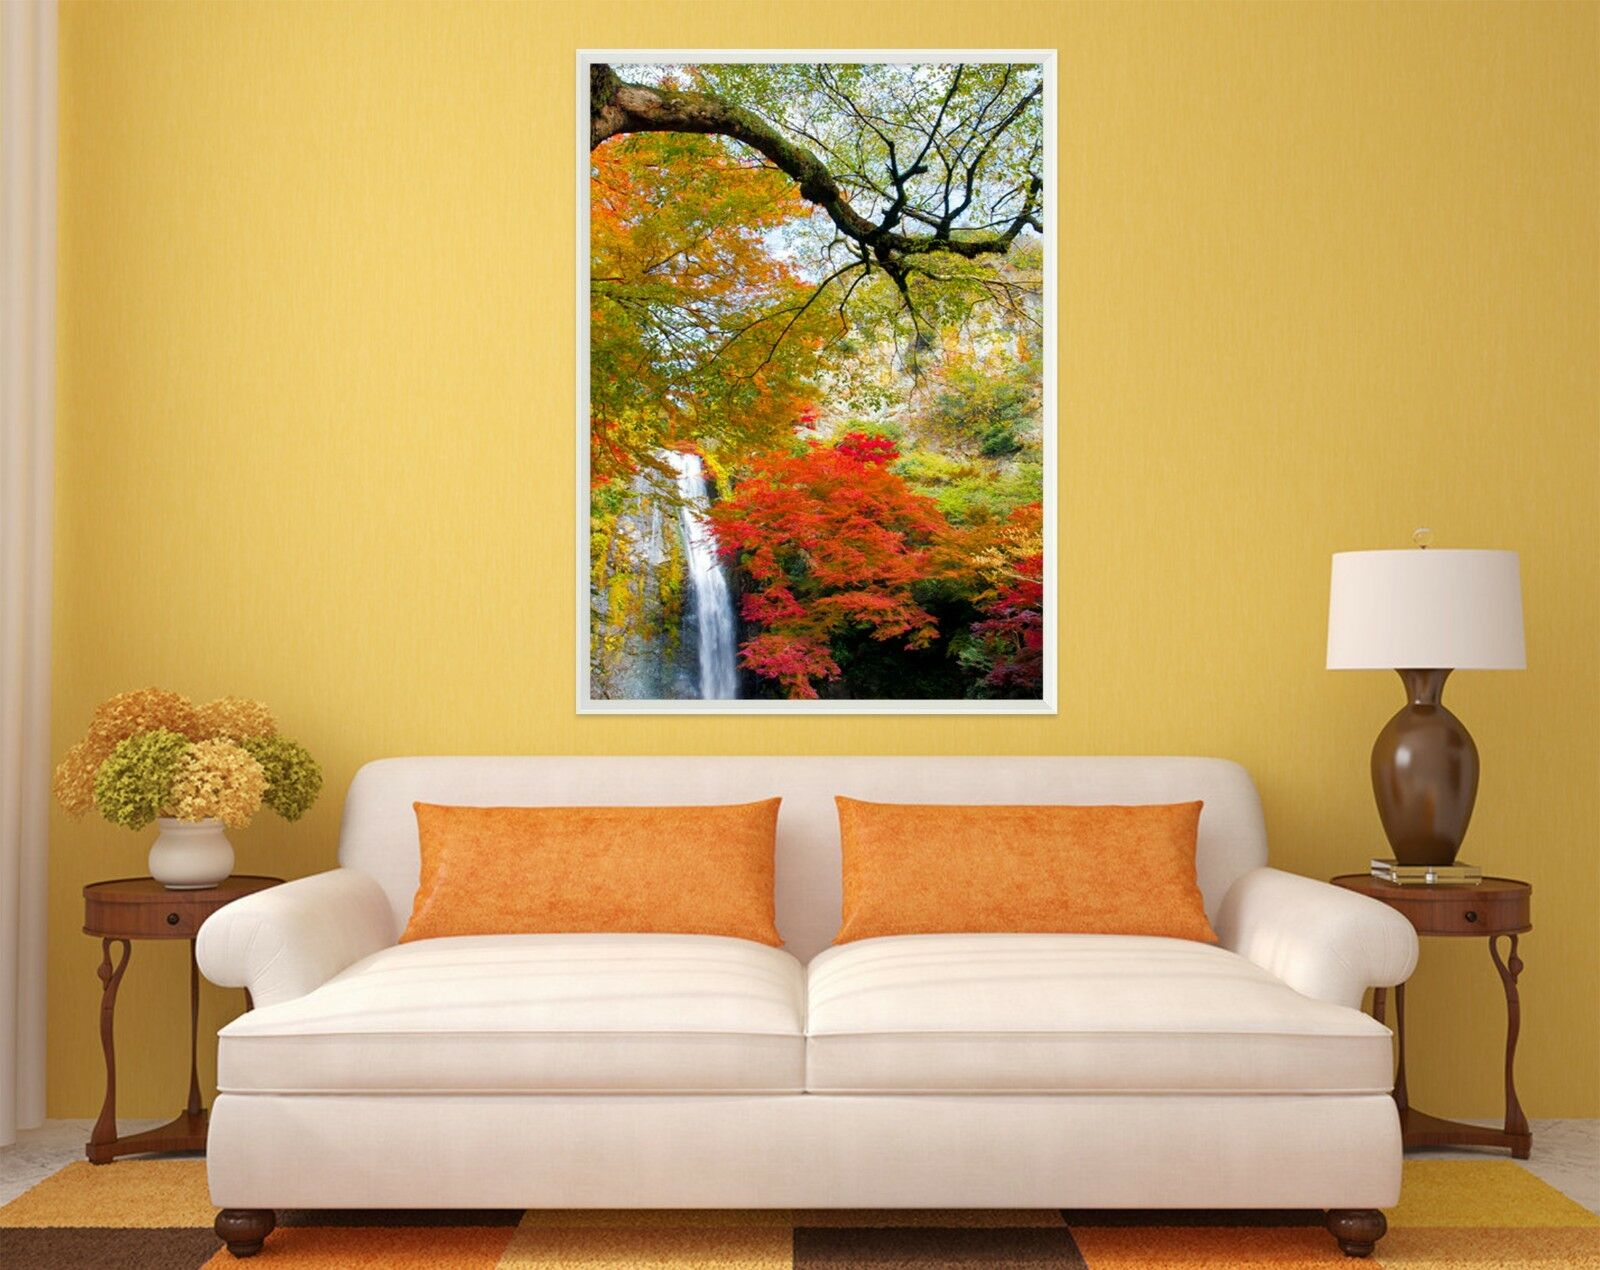 3D Rojo árboles Cascada 1 Póster Enmarcado Decoración del Hogar Pintura de Impresión Arte Wallpaper